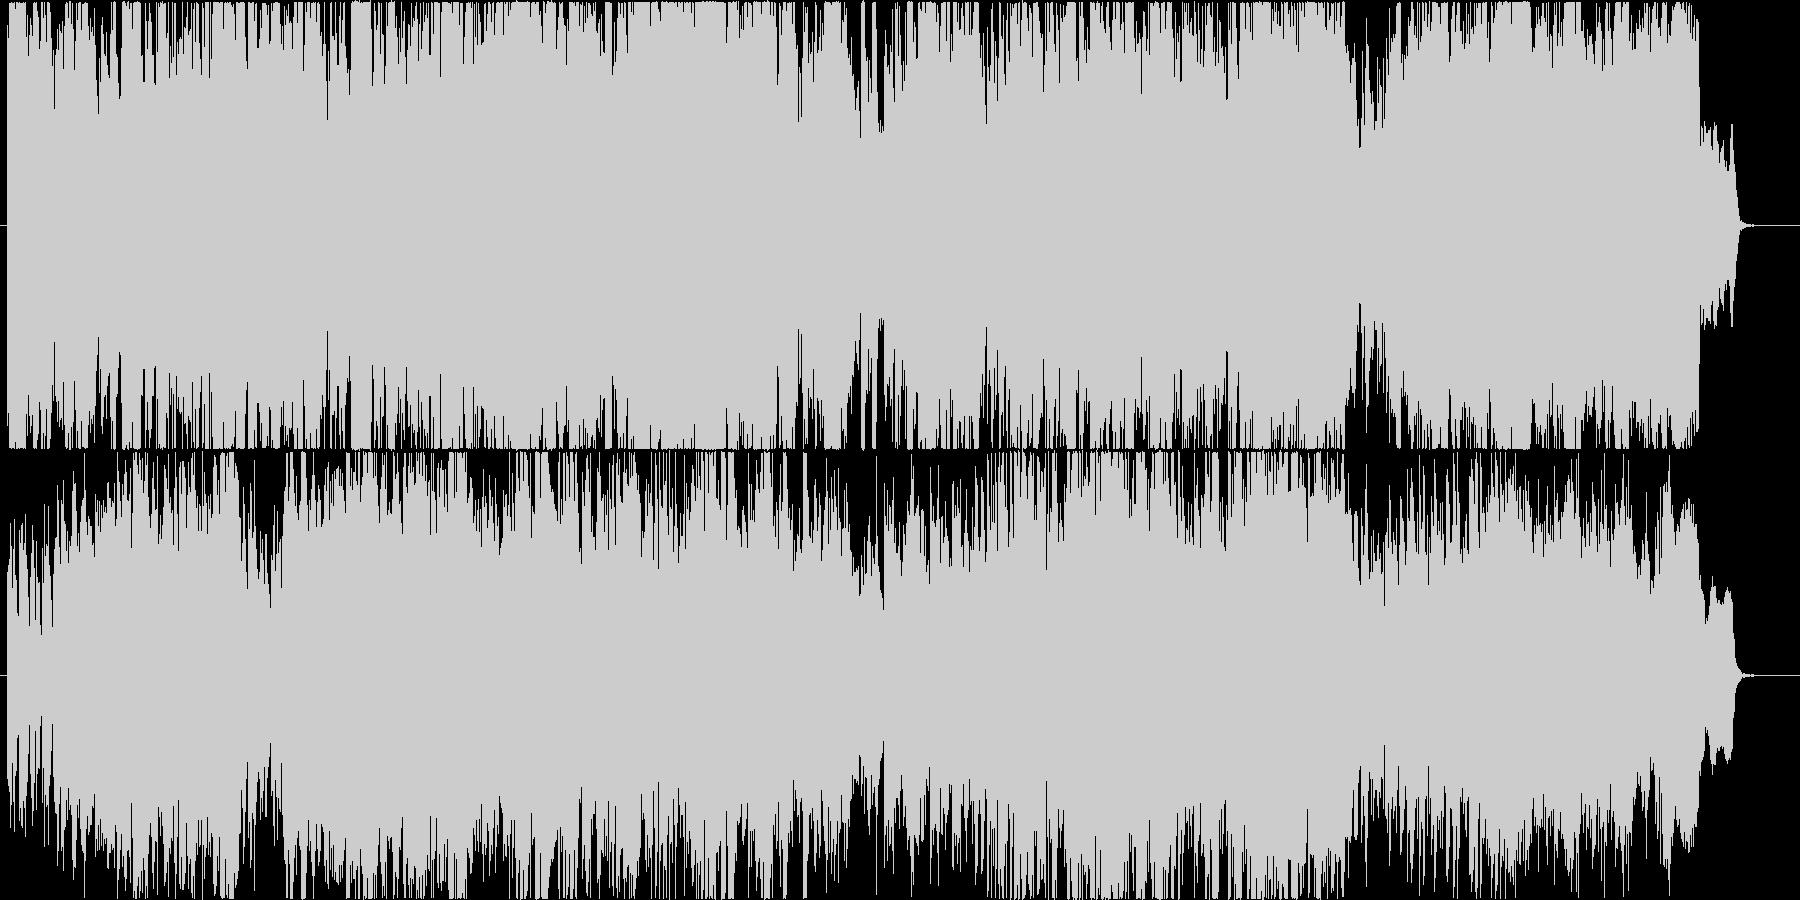 【ゲーム】OP、プロローグ、民族音楽系の未再生の波形